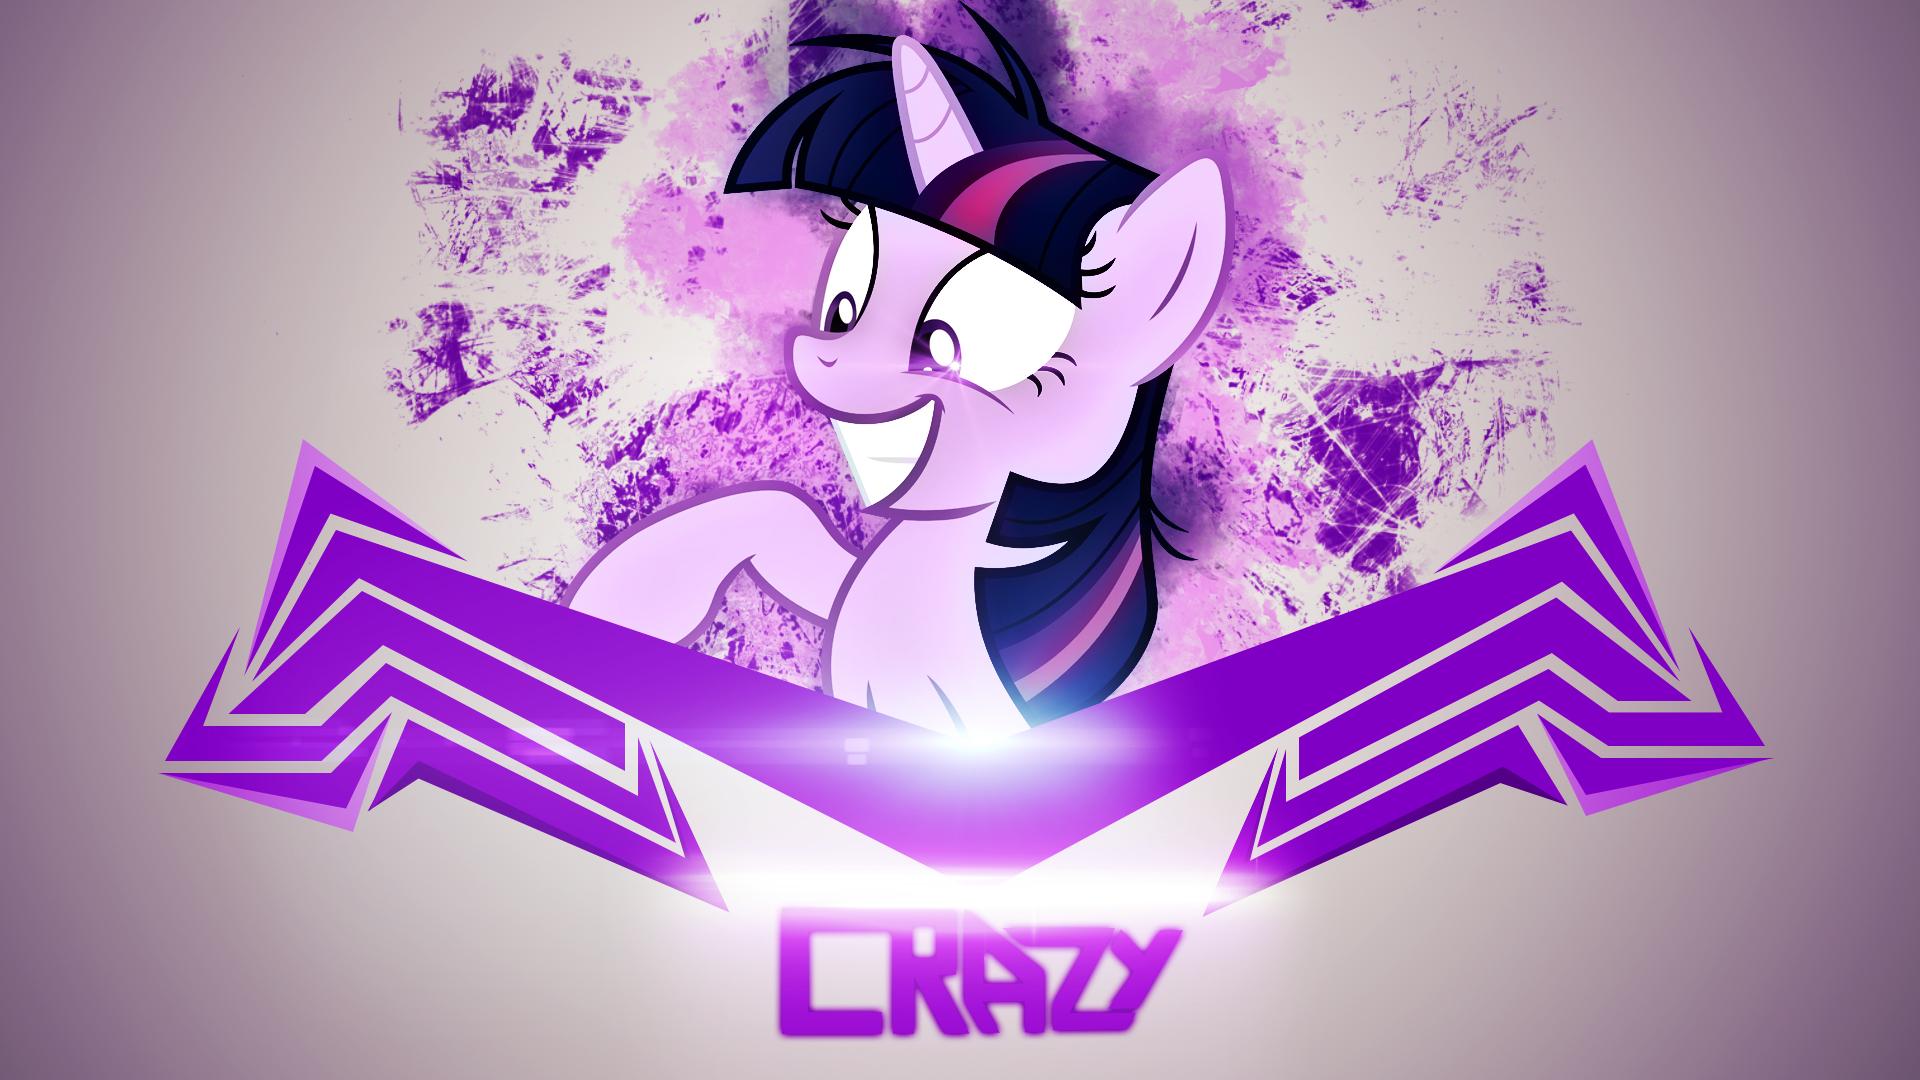 Crazy Like Twilight Sparkle by Karl97